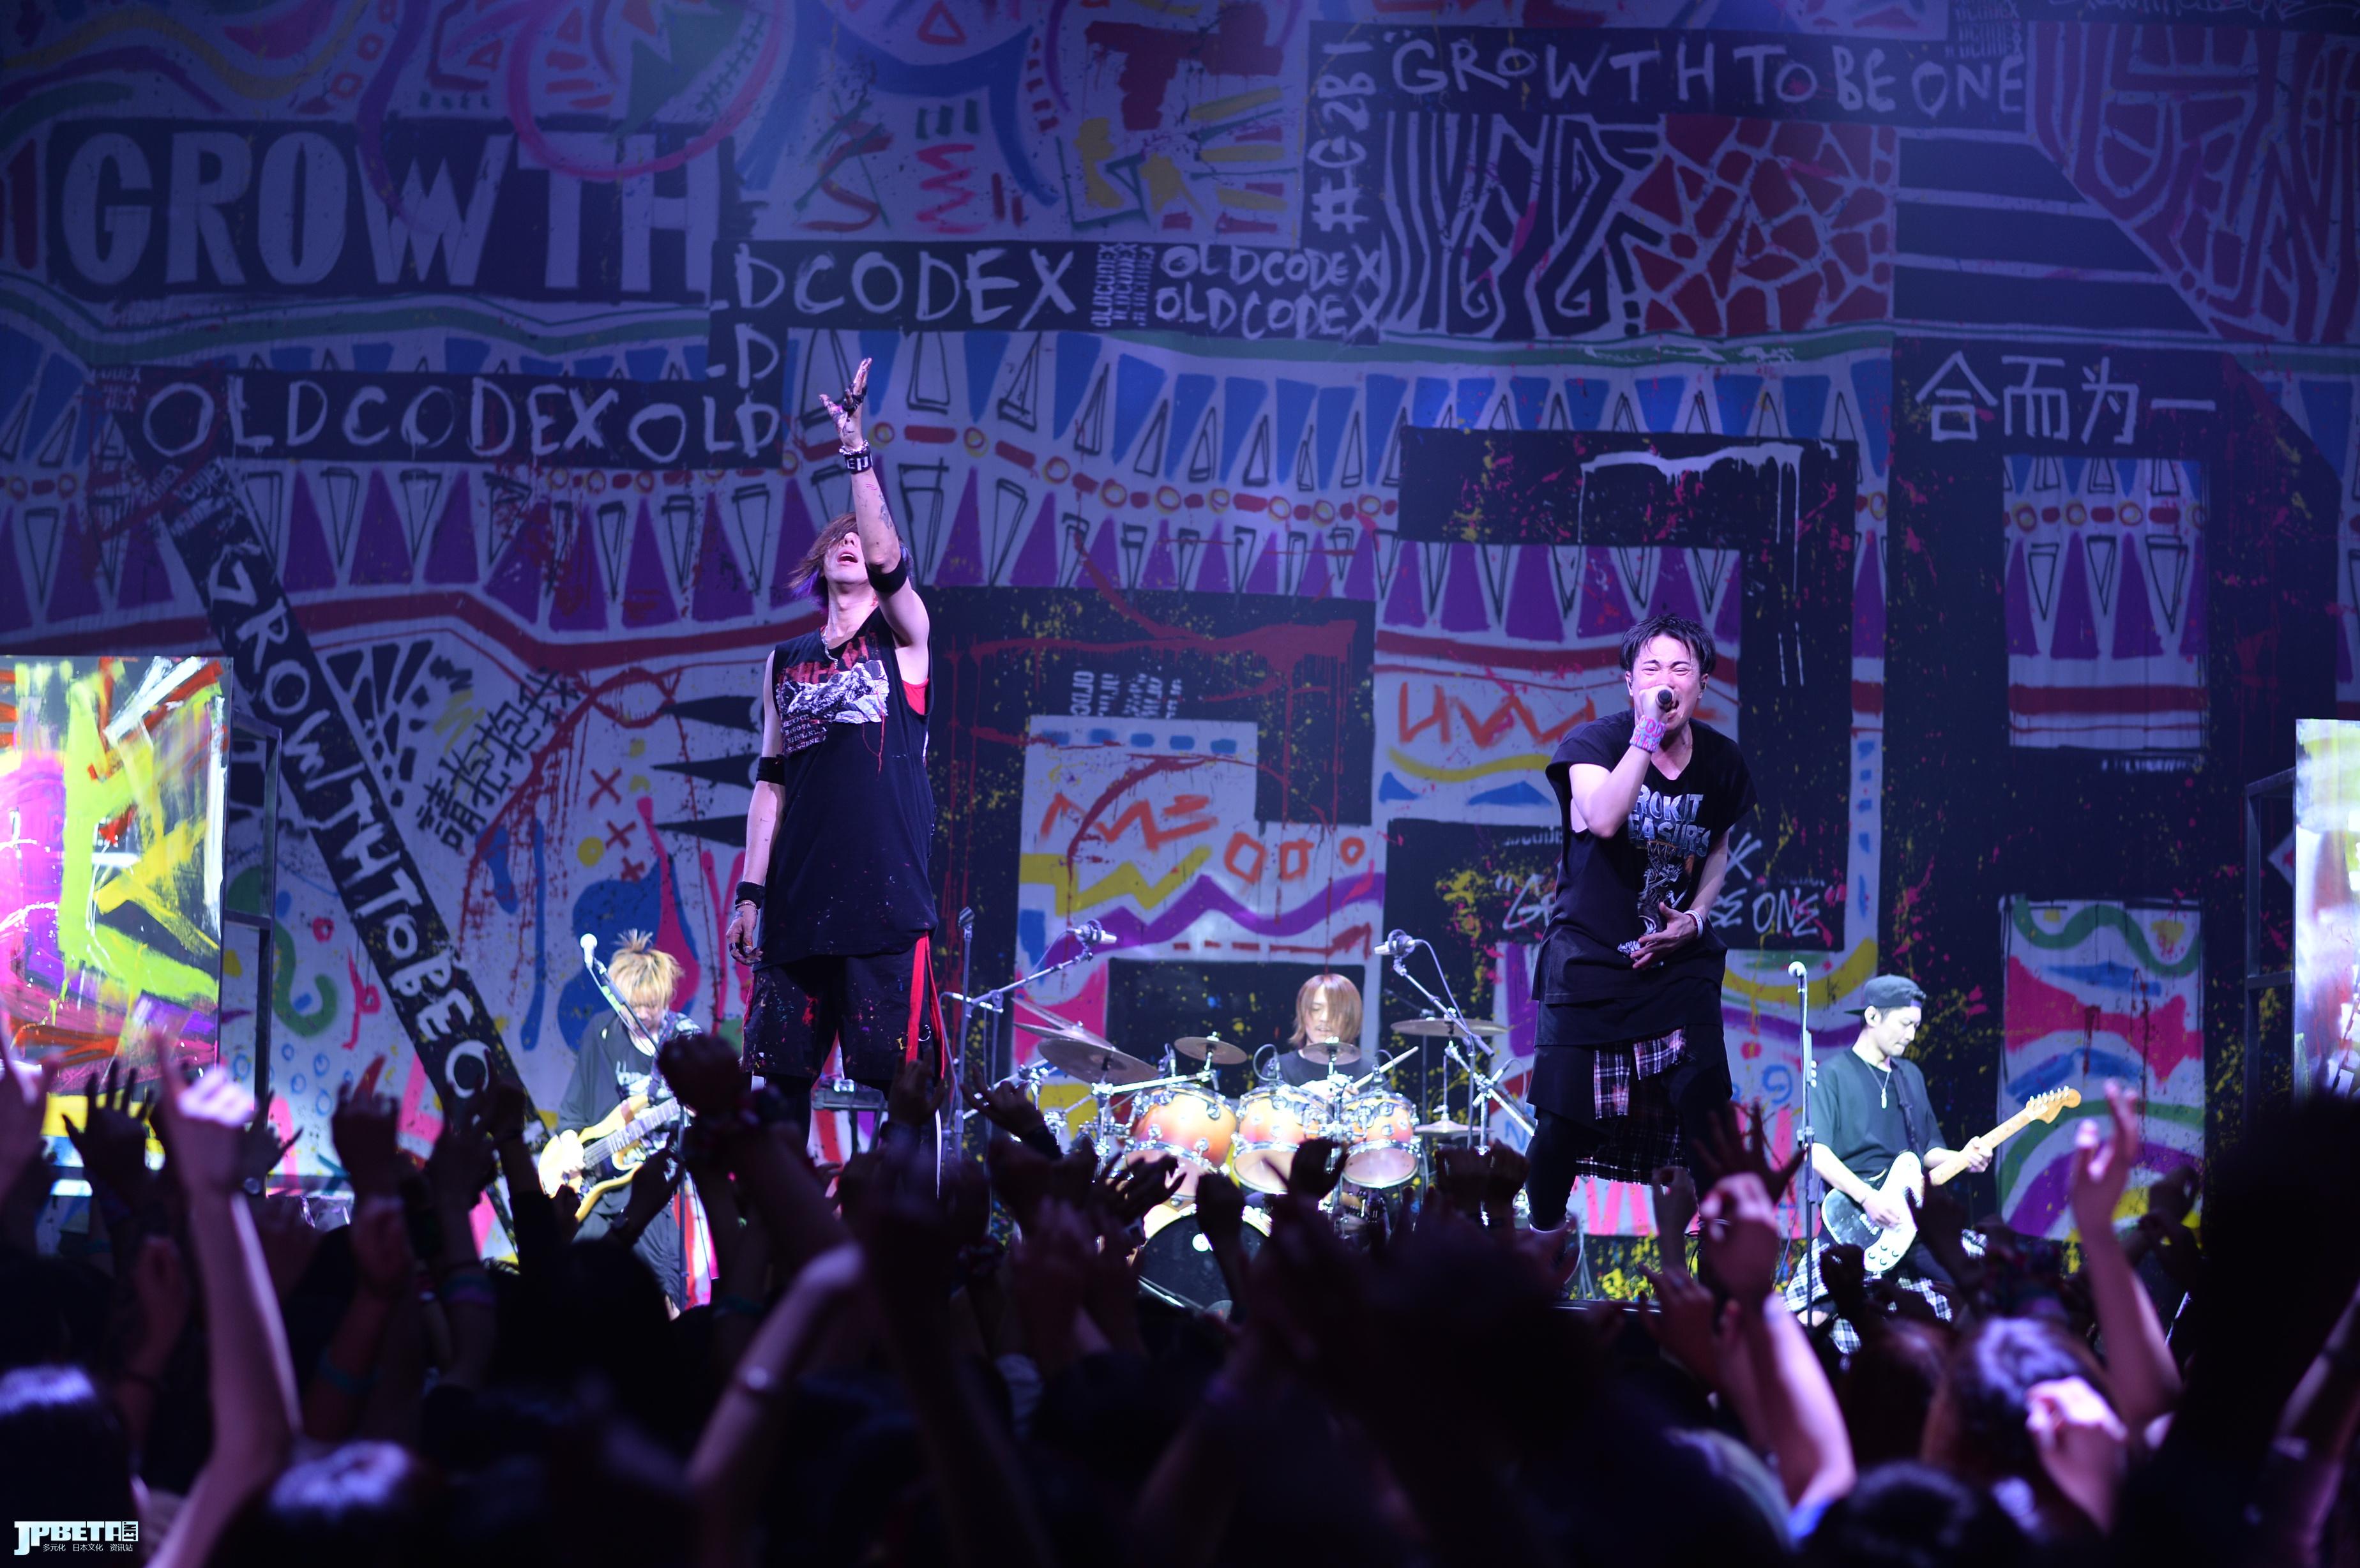 专访 | ROCK×LIVE PAINT= OLDCODEX视觉艺术奏响的摇滚魂